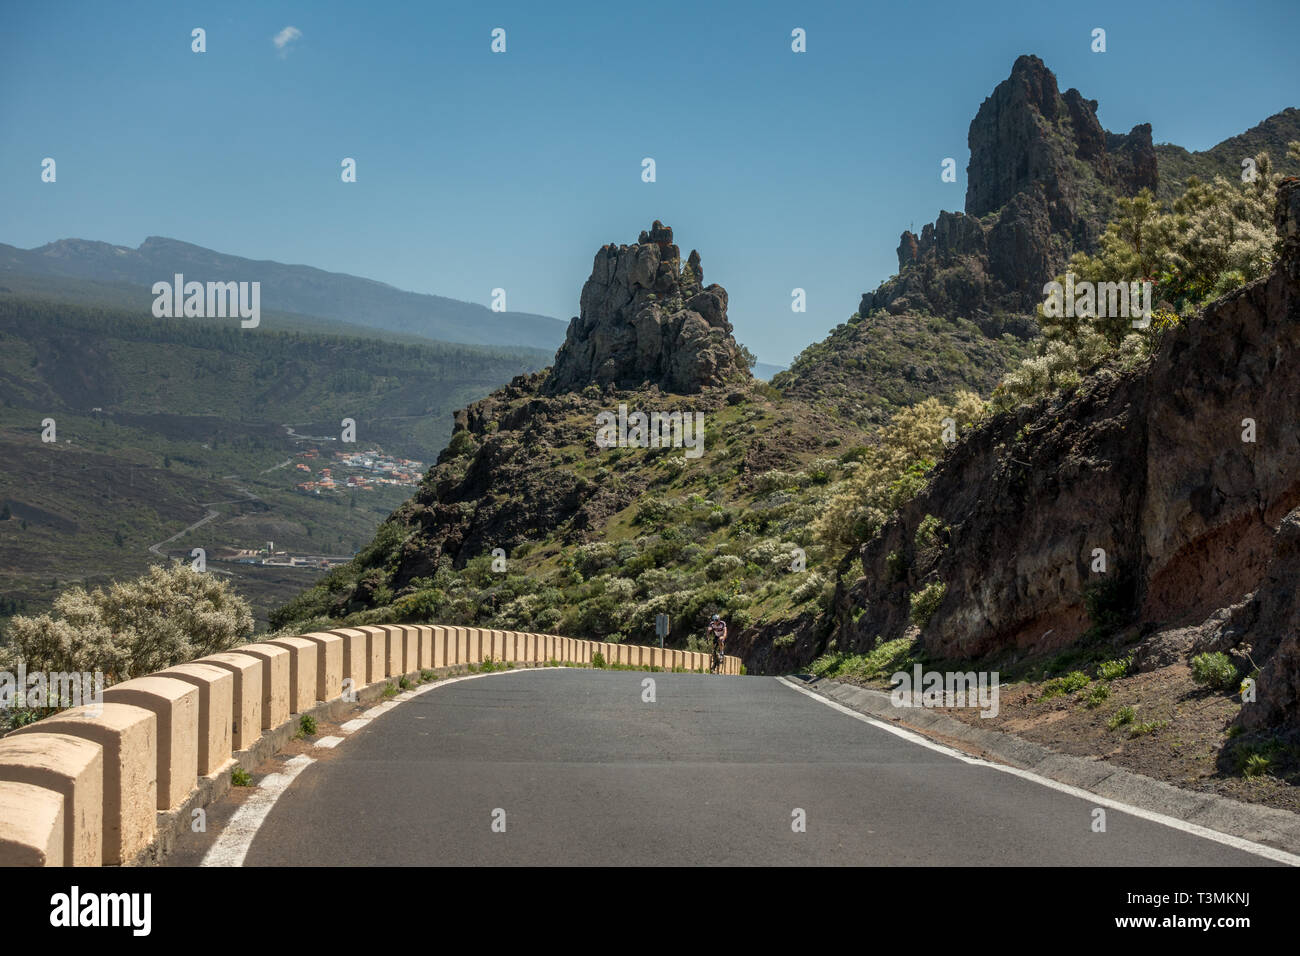 Radfahrer auf der Straße Fahrrad Radfahren die steile Straße zum Mirador de Cherfe auf die TF-436 Straße von Santiago del Teide. Teneriffa Stockbild